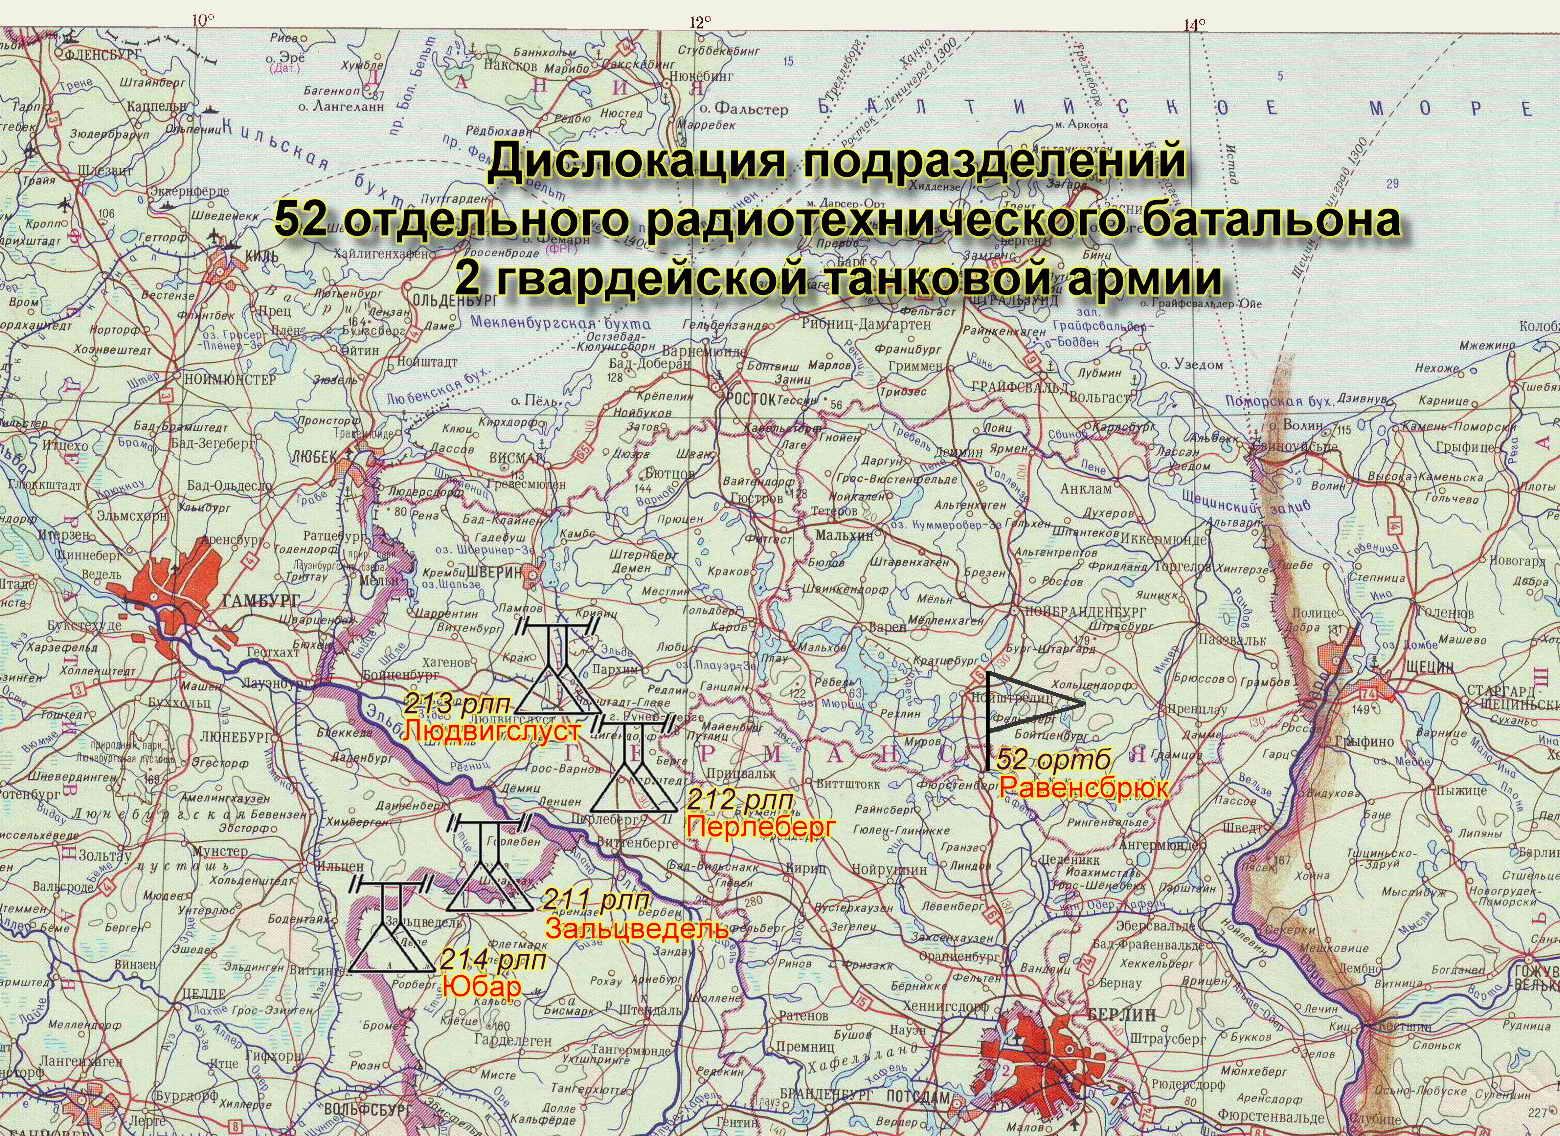 Инженерный военный батальон укрепил 30 позиций